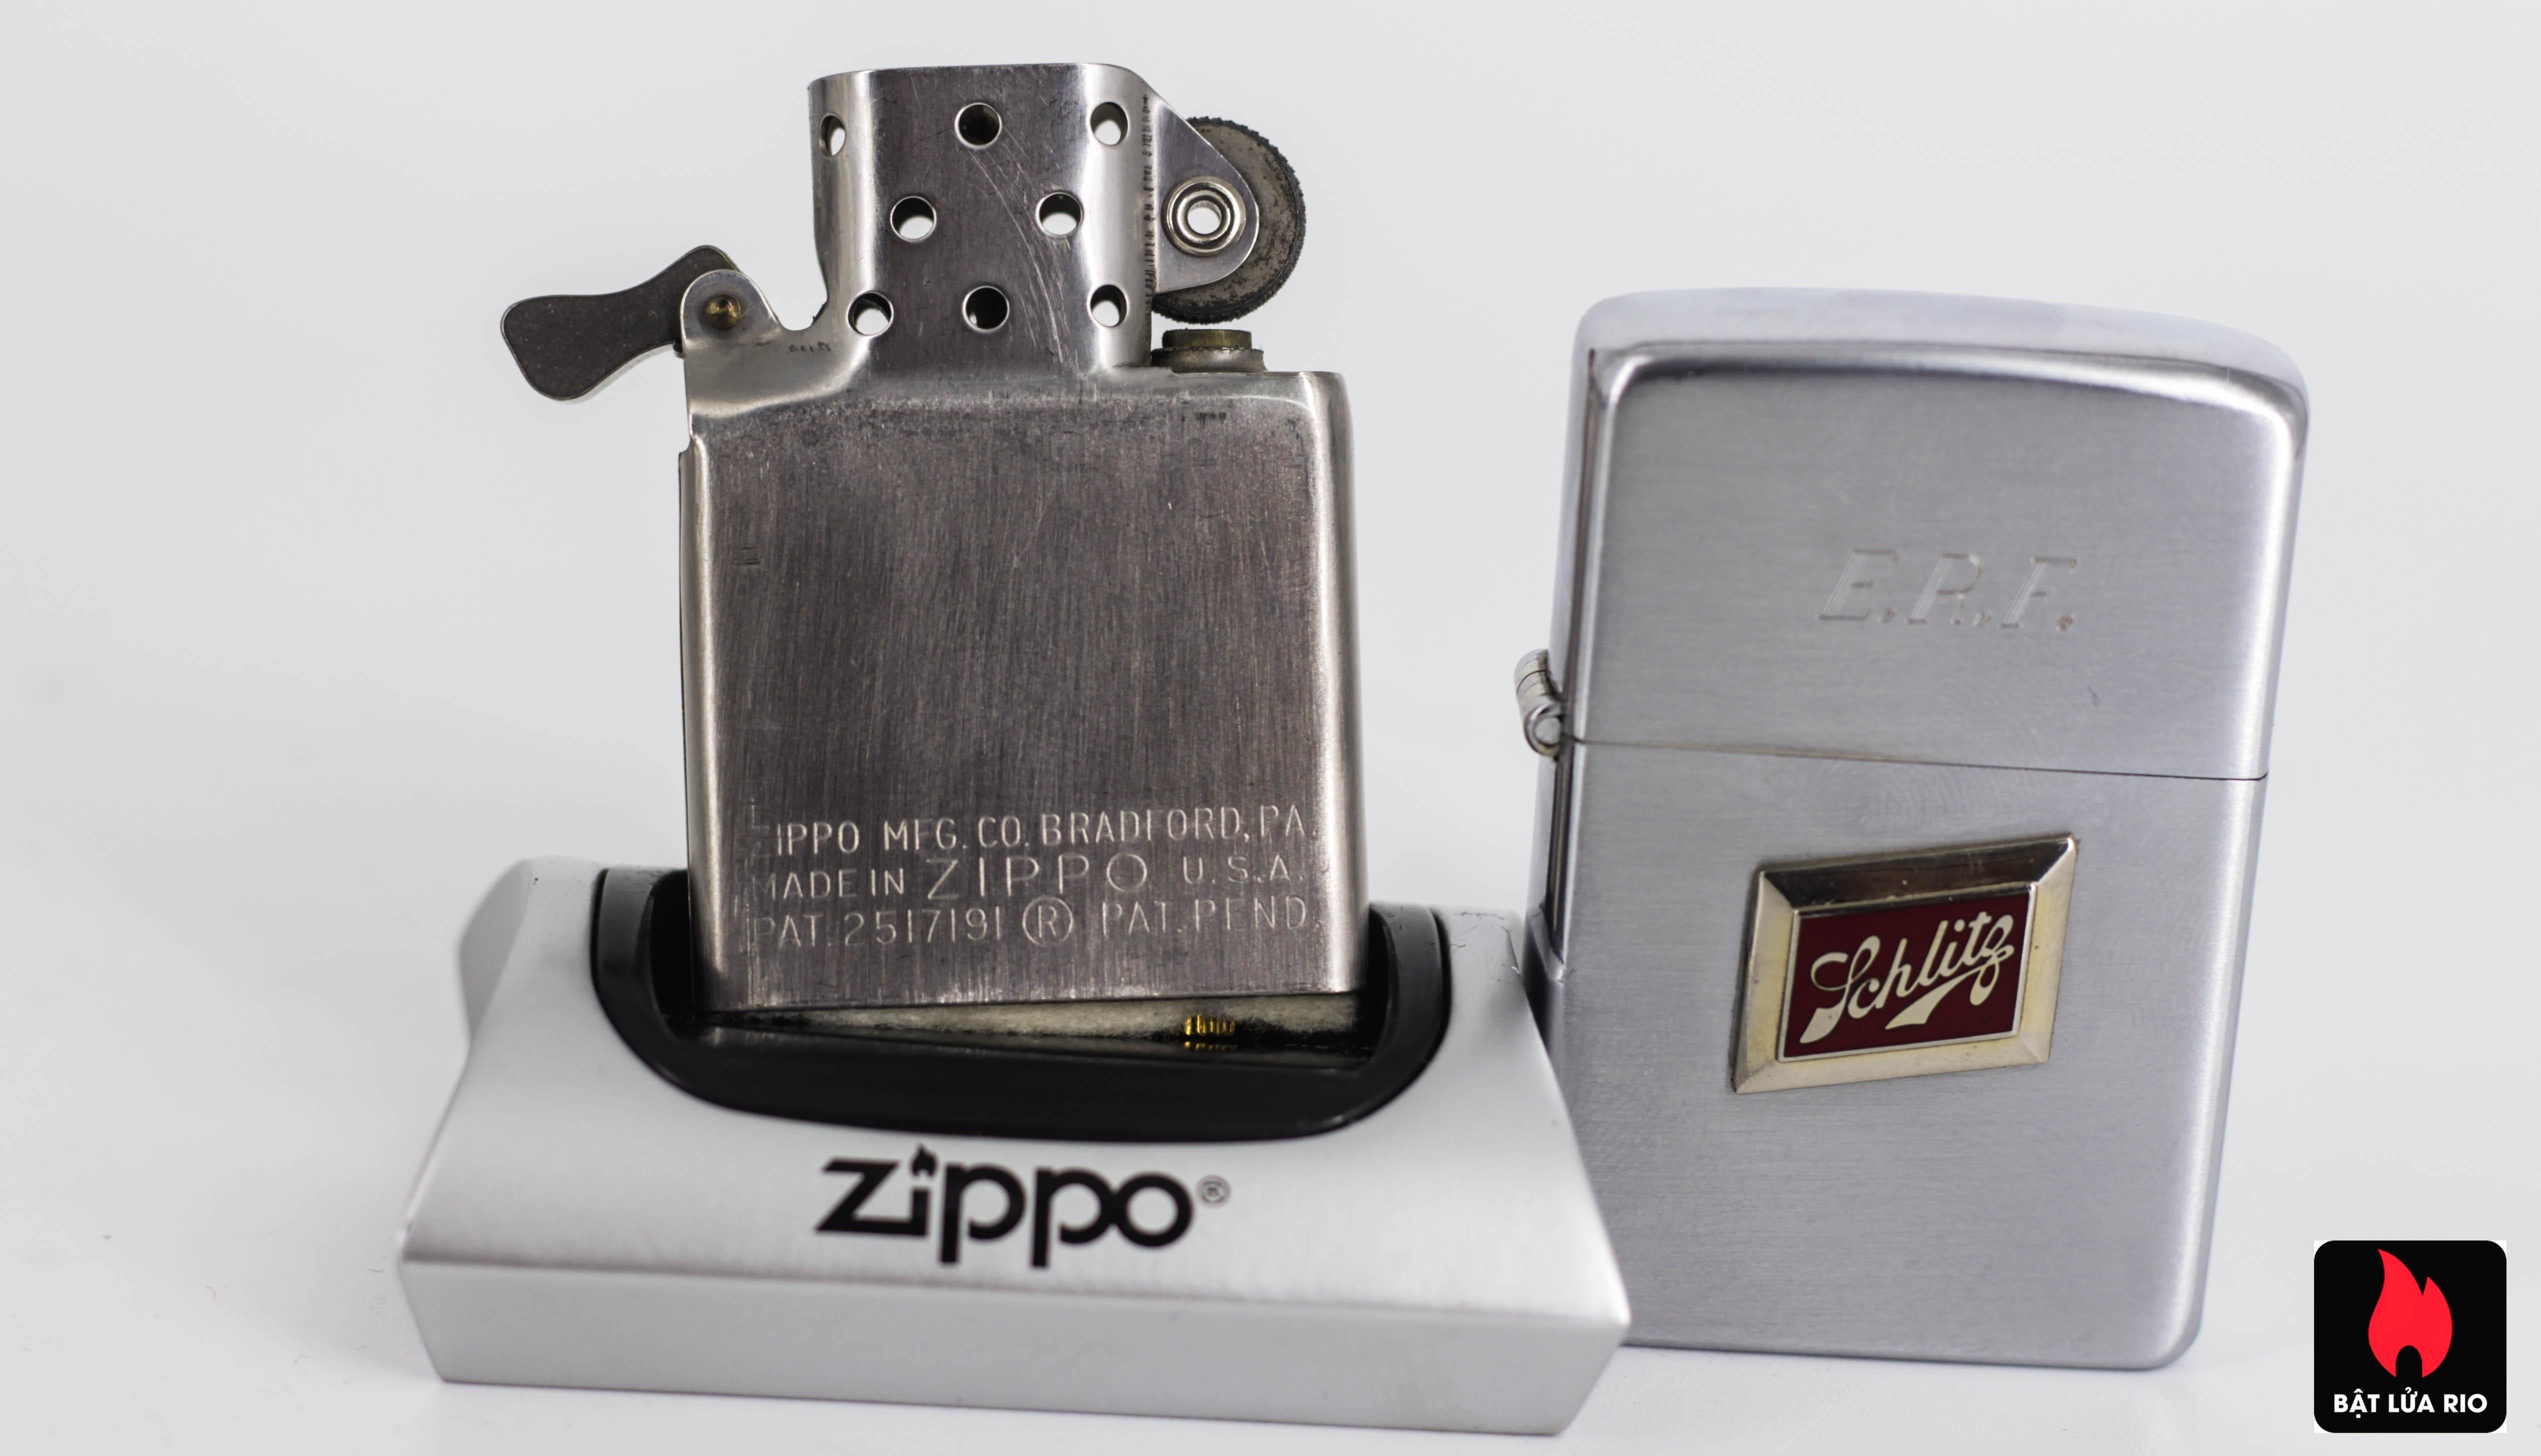 ZIPPO XƯA 1955 - SCHLITG